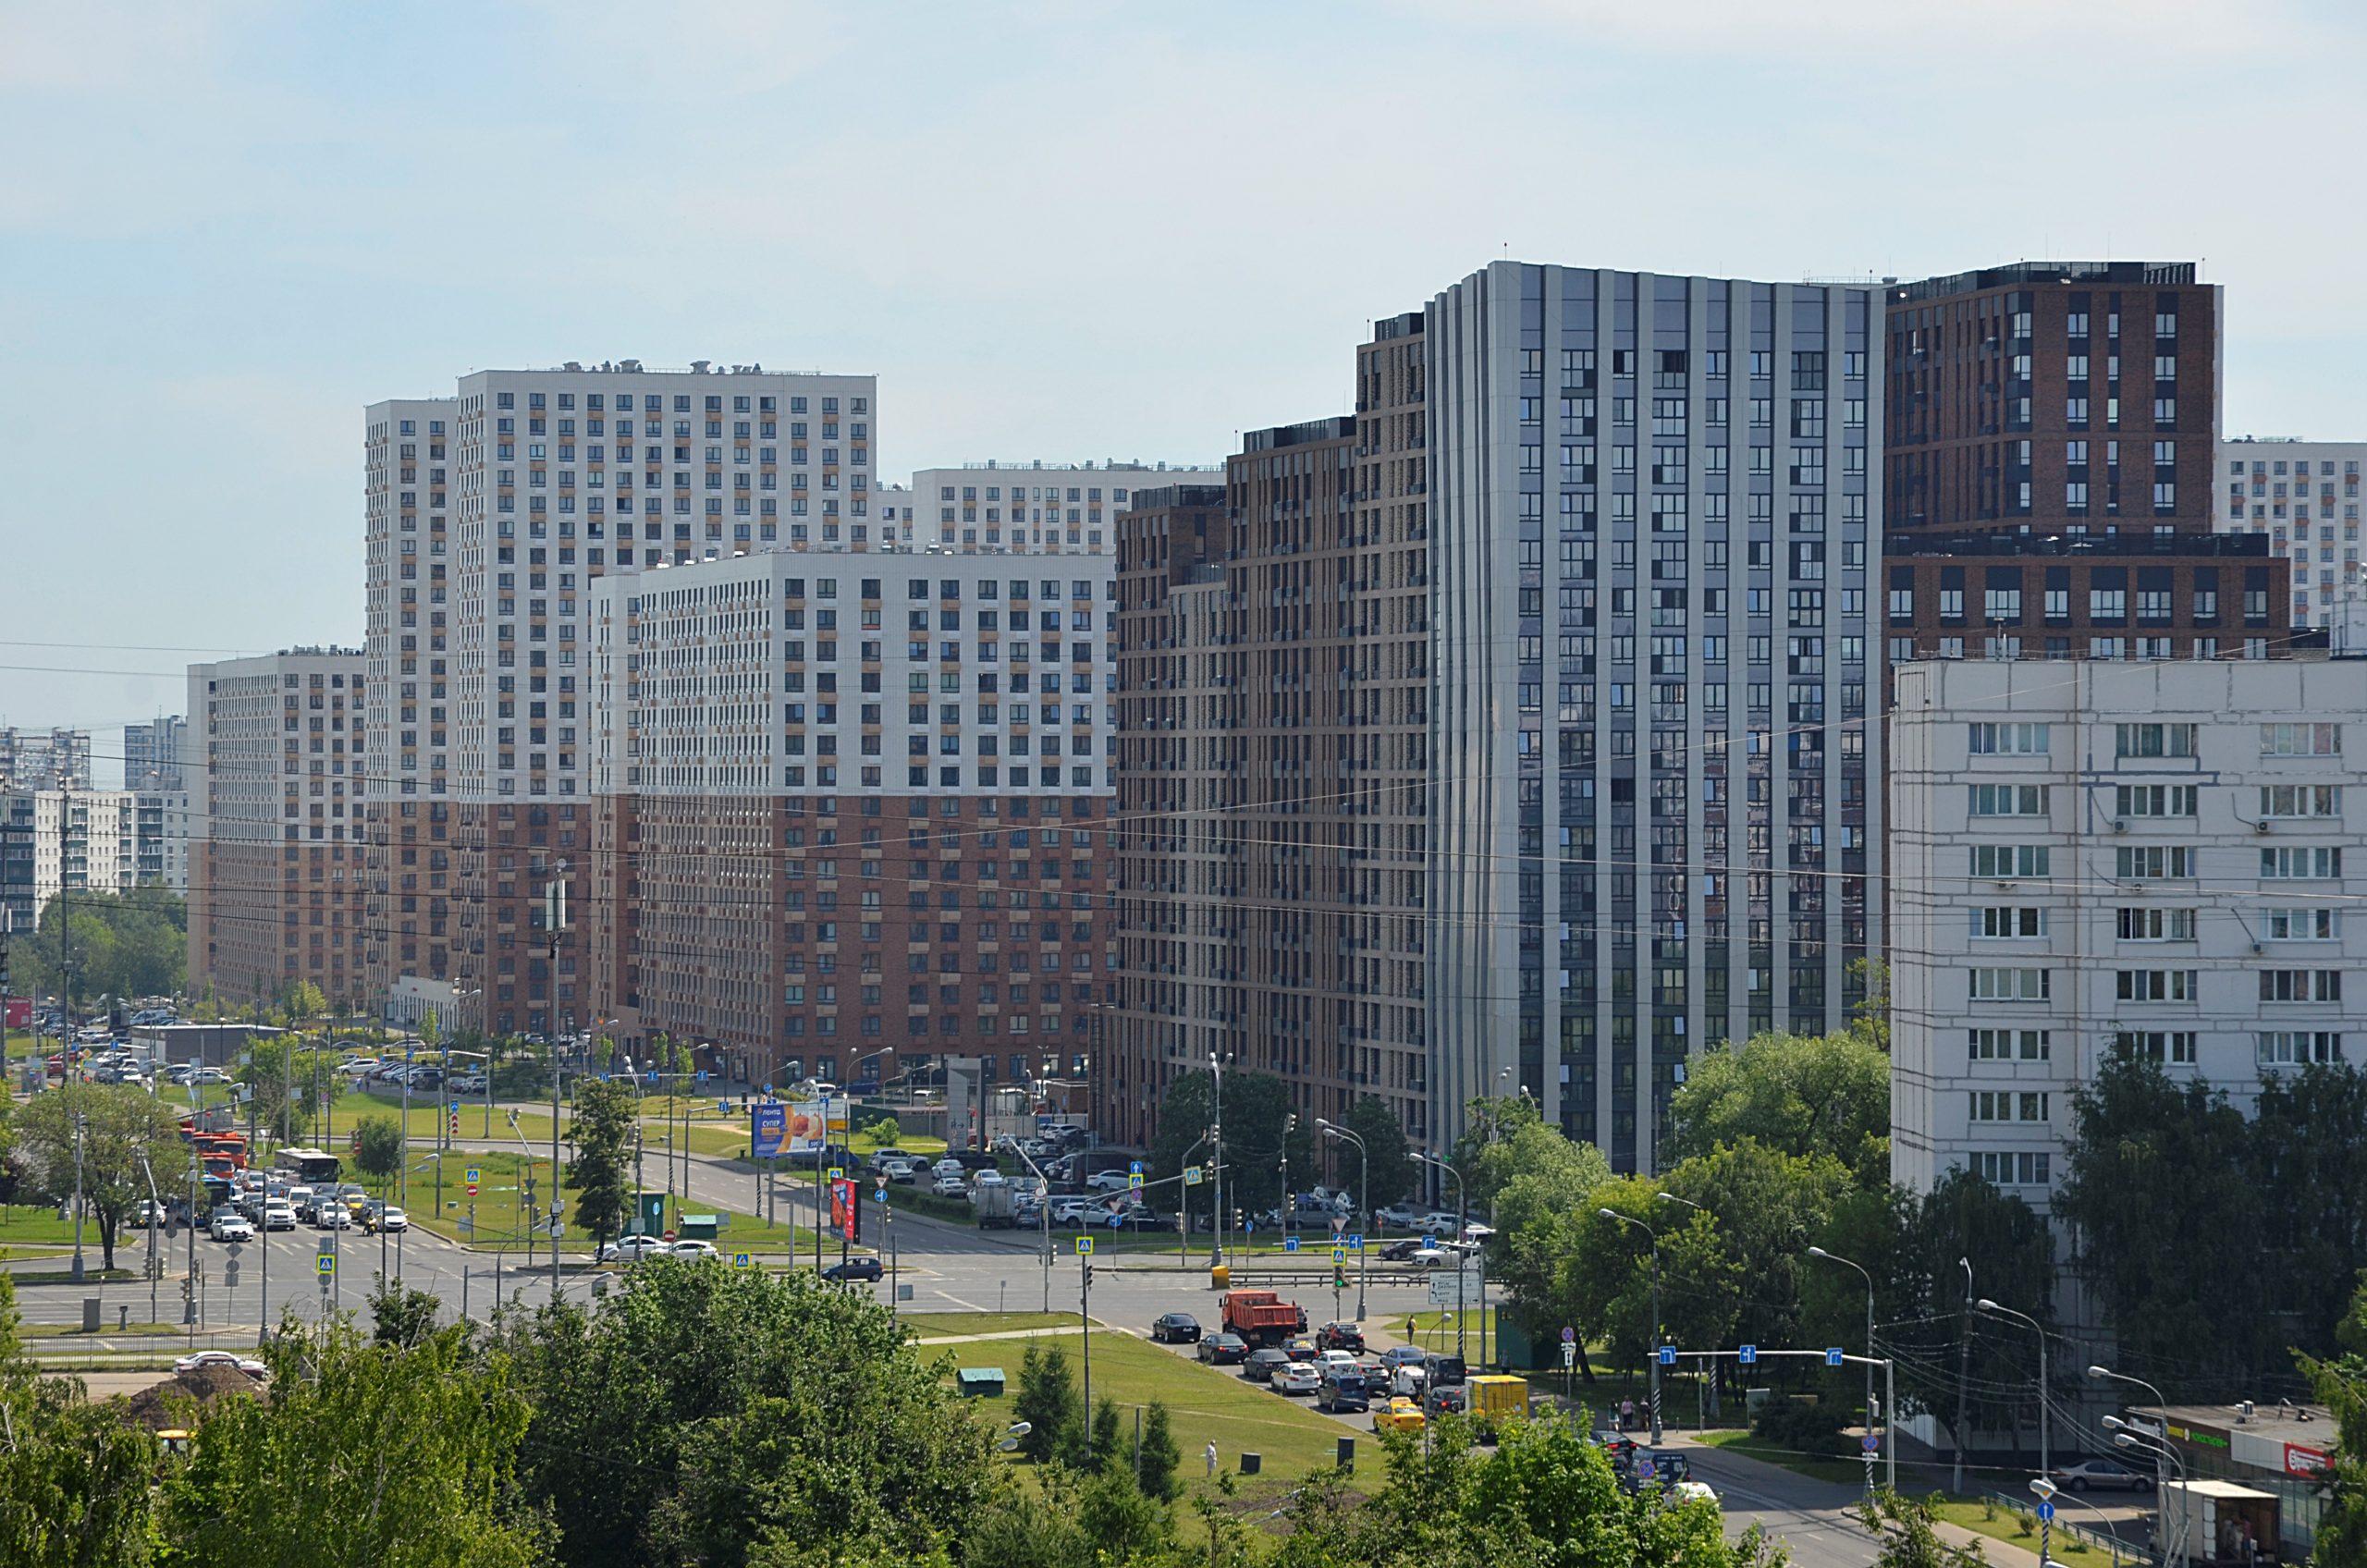 Около трети всех договоров долевого участия Москвы приходится на Троицкий и Новомосковский административные округа